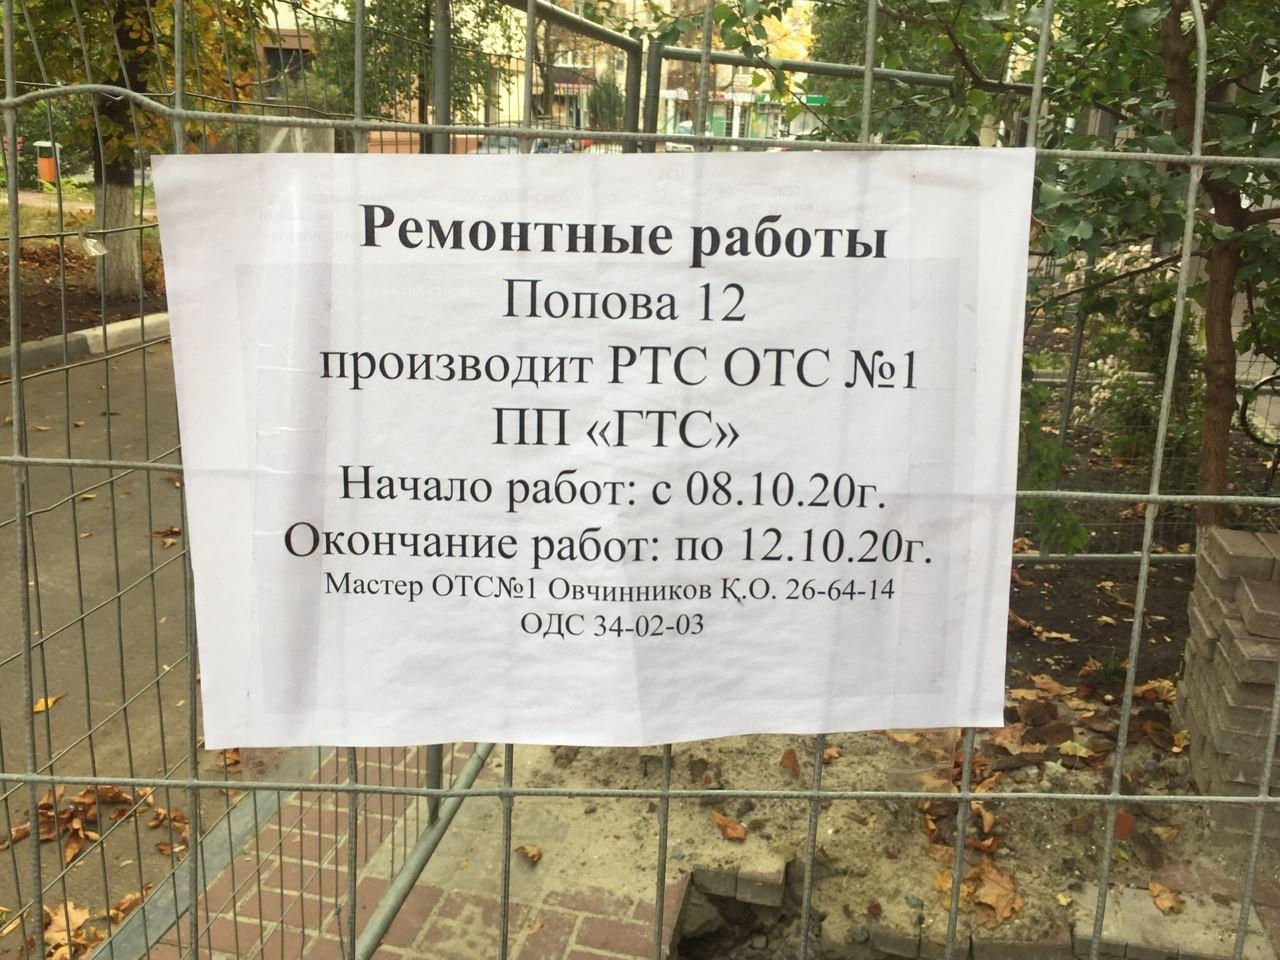 Коммунальная «могила». В центре Белгорода рабочие оставили яму перед подъездом пятиэтажки, фото-4, паблик во ВКонтакте «Белгород – это интересно»